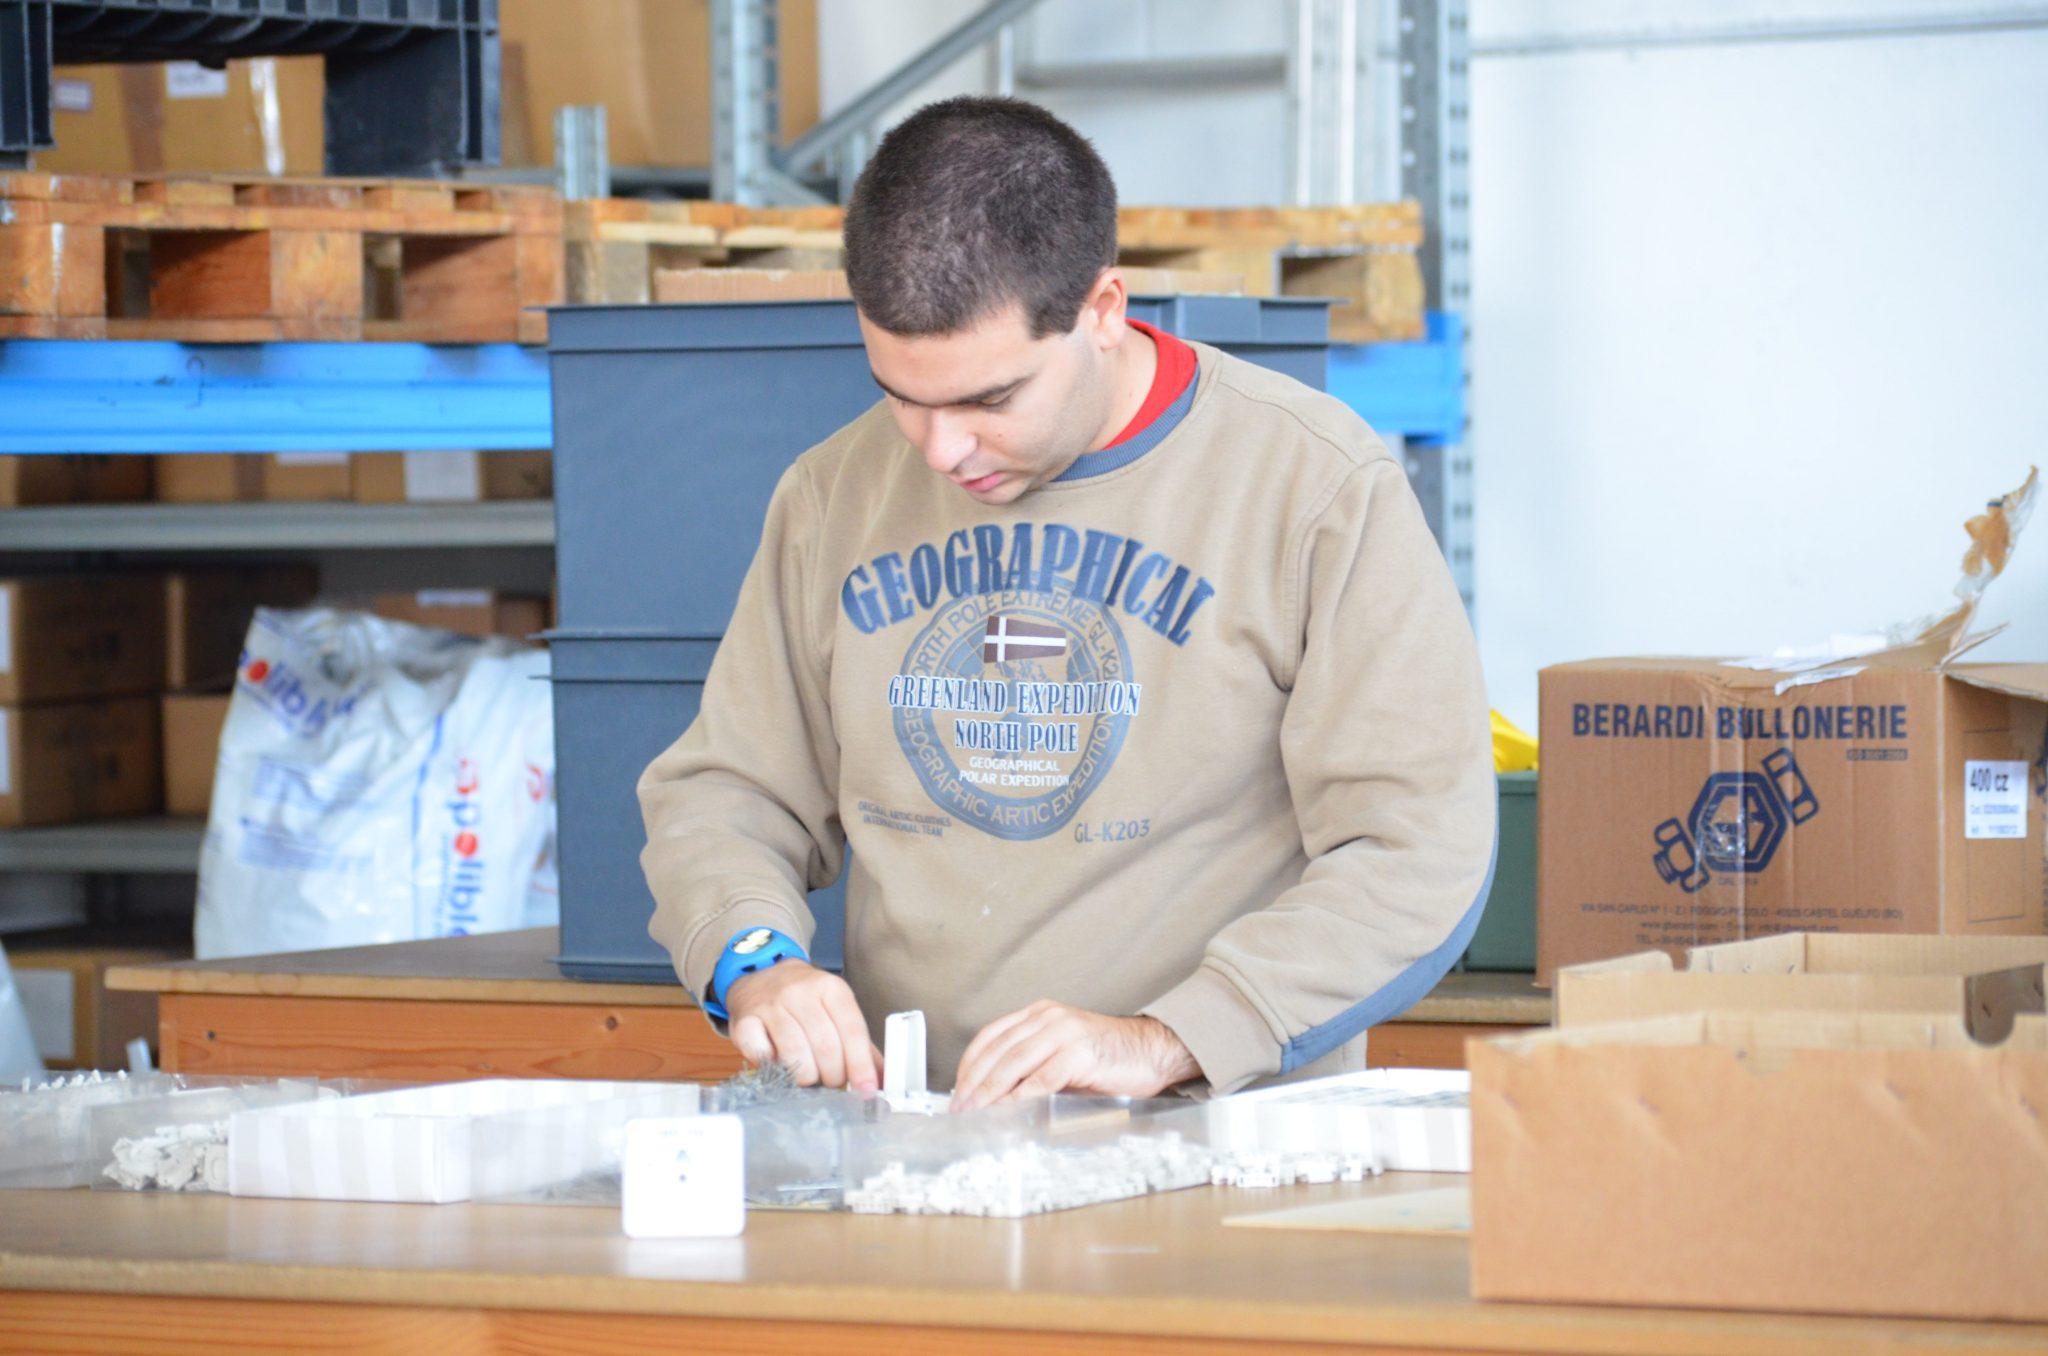 Un esempio di autismo e occupazione: un ragazzo autistico al lavoro con l'assemblaggio nell'Officina.